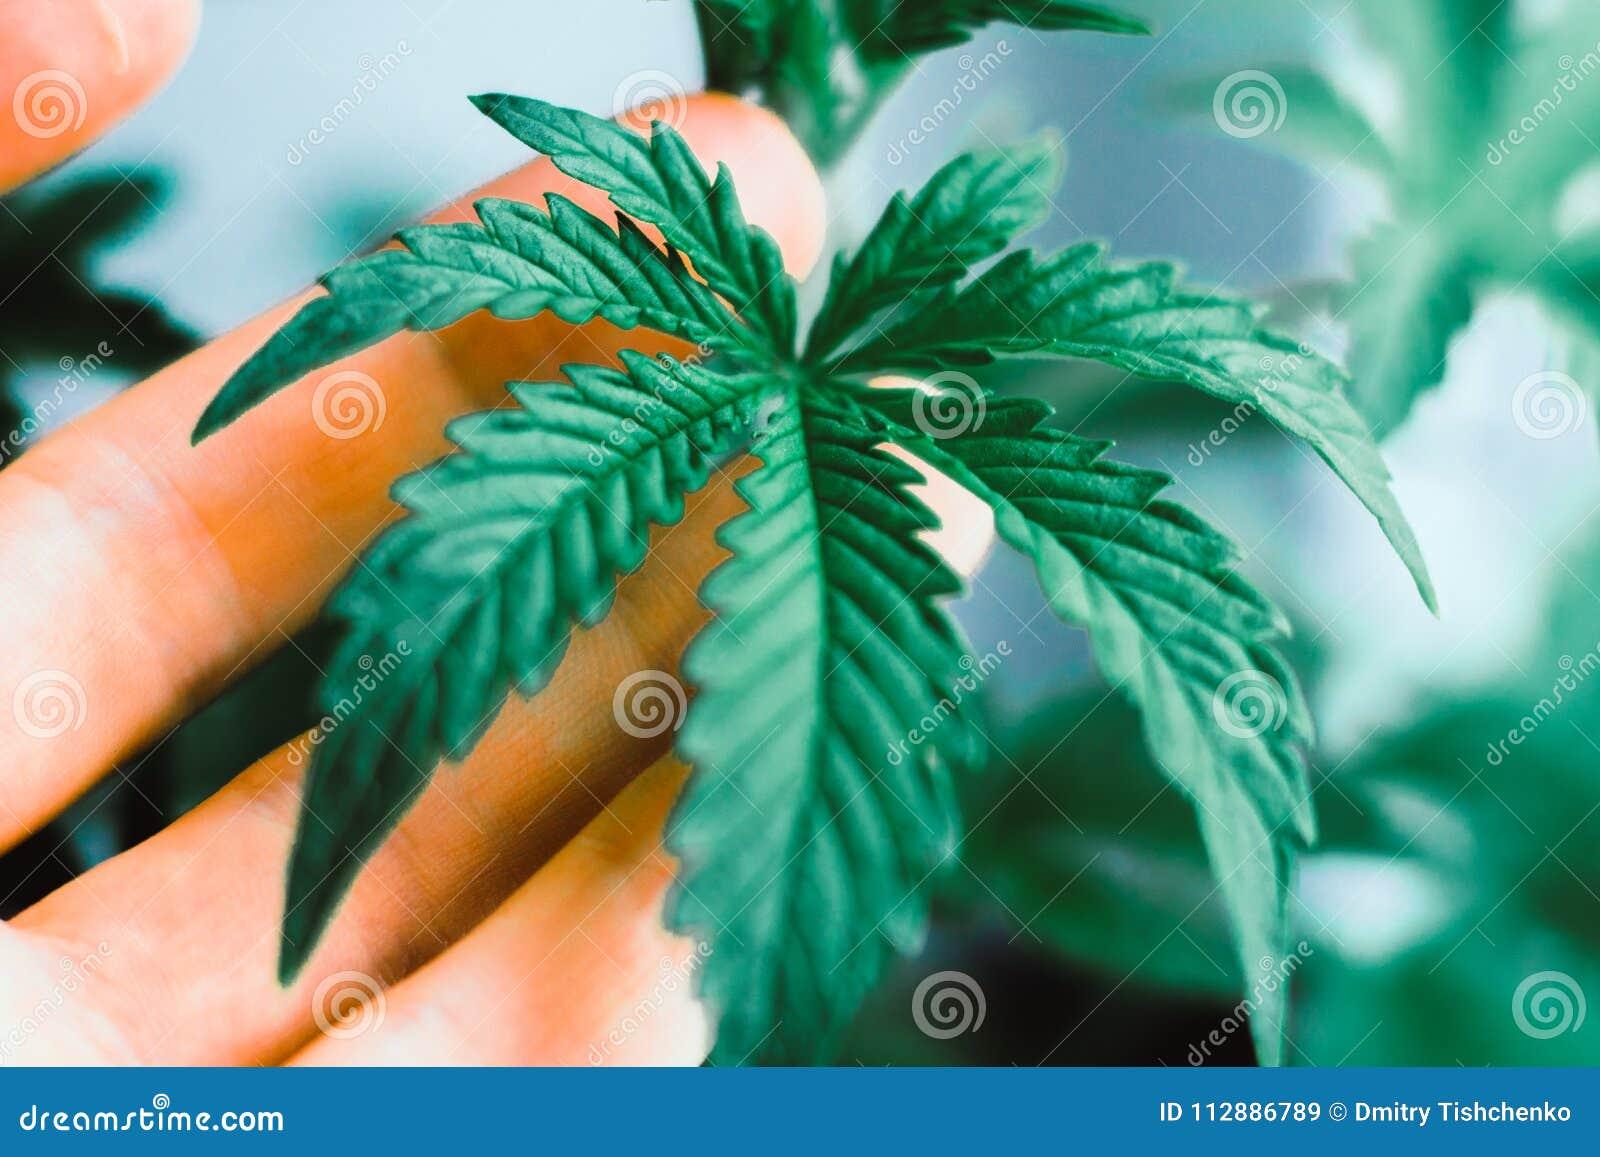 Конопля анимацию лечение шизофрении марихуаной